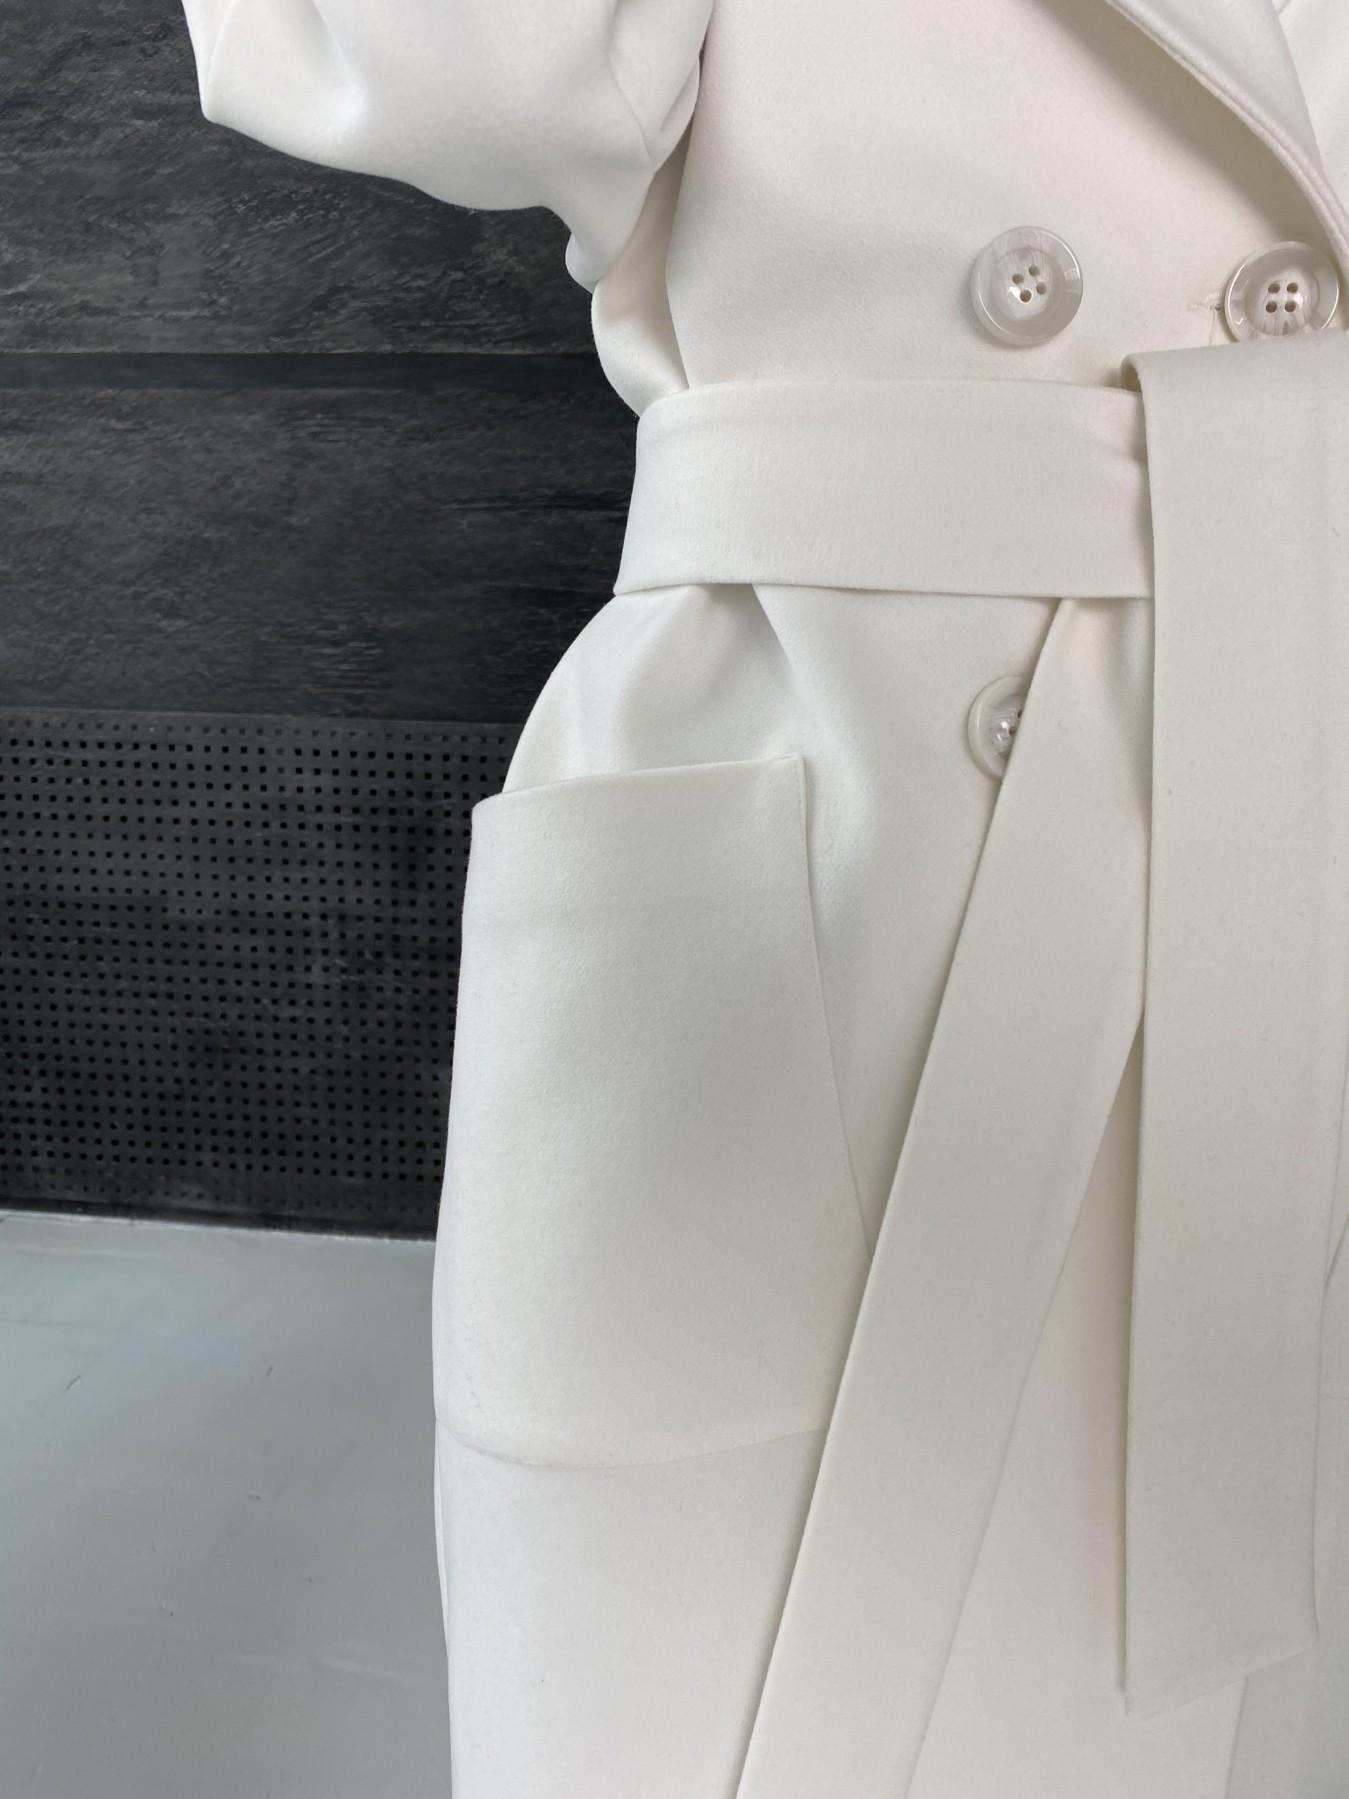 Свайп макси пальто из кашемира 10617 АРТ. 46996 Цвет: Молоко - фото 6, интернет магазин tm-modus.ru